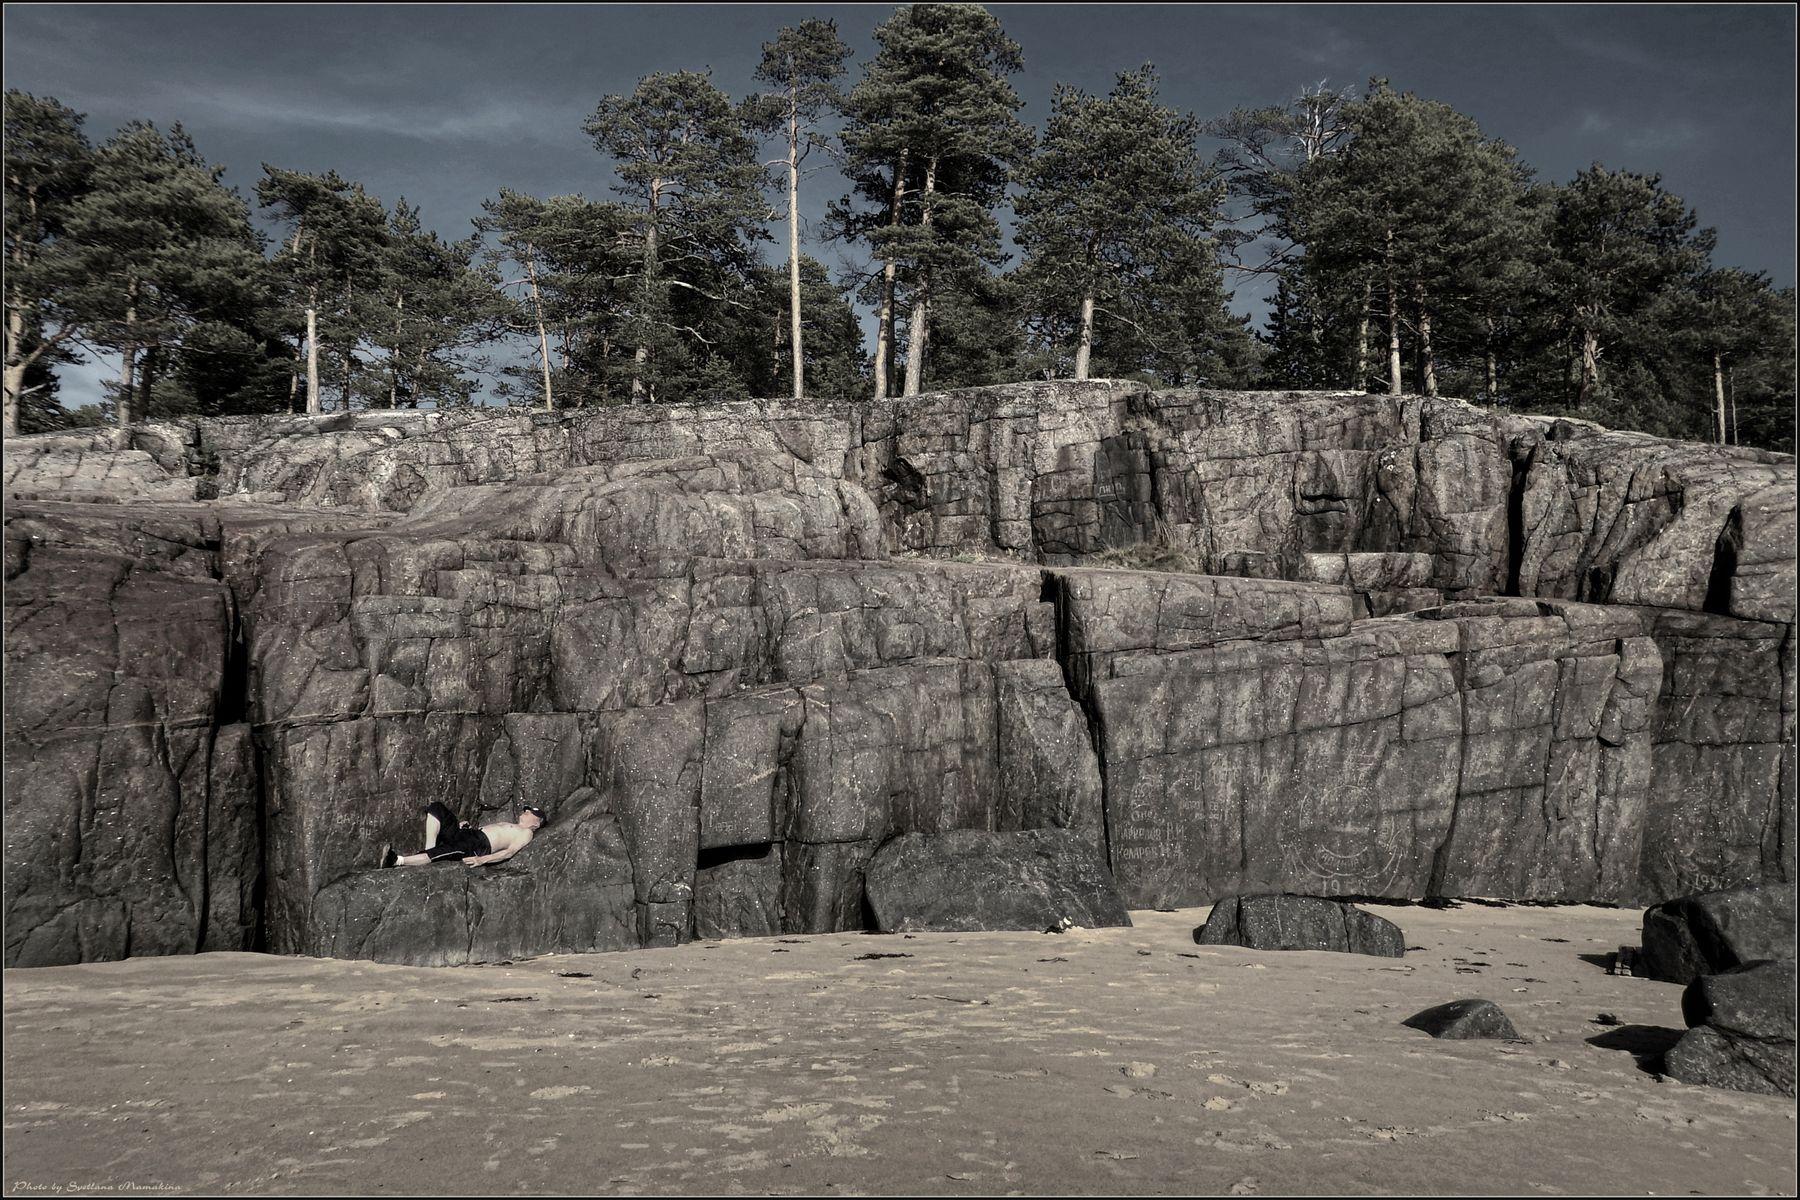 *Своя ниша в природе* фотография путешествие лето остров скалы остальное Фото.Сайт Светлана Мамакина Lihgra Adventure